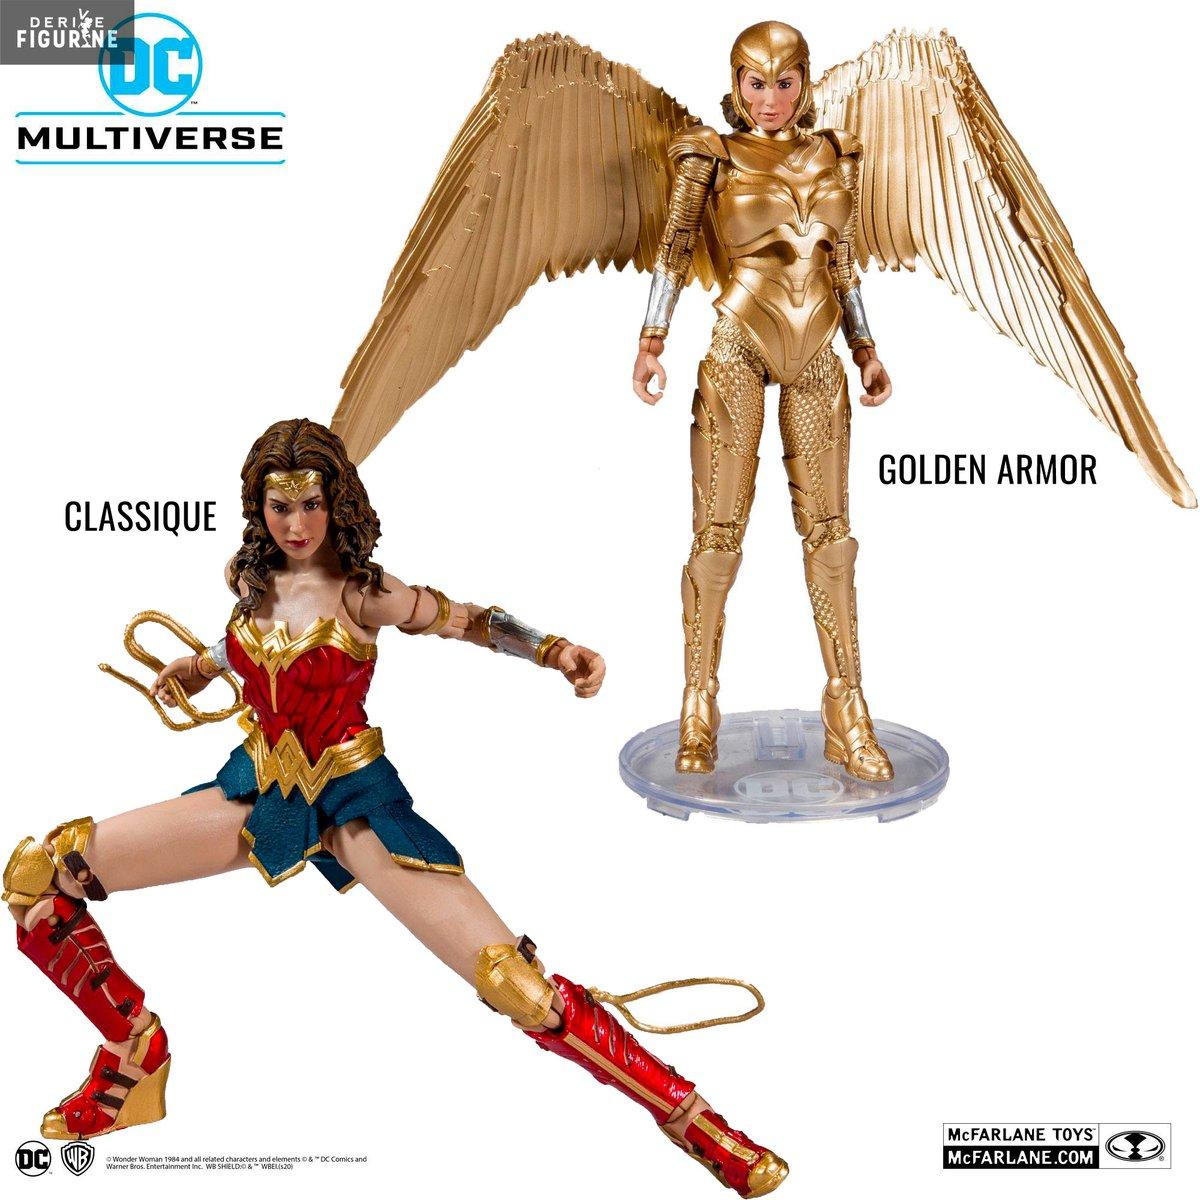 Nouvelles figurines classes et à bas prix en précommande pour le DC Comics Multiverse de McFarlane Toys    Il s'agit de Wonder Woman 1984 en version Classique ou Golden Armor https://bit.ly/2Tja20Opic.twitter.com/Op36rljsHC